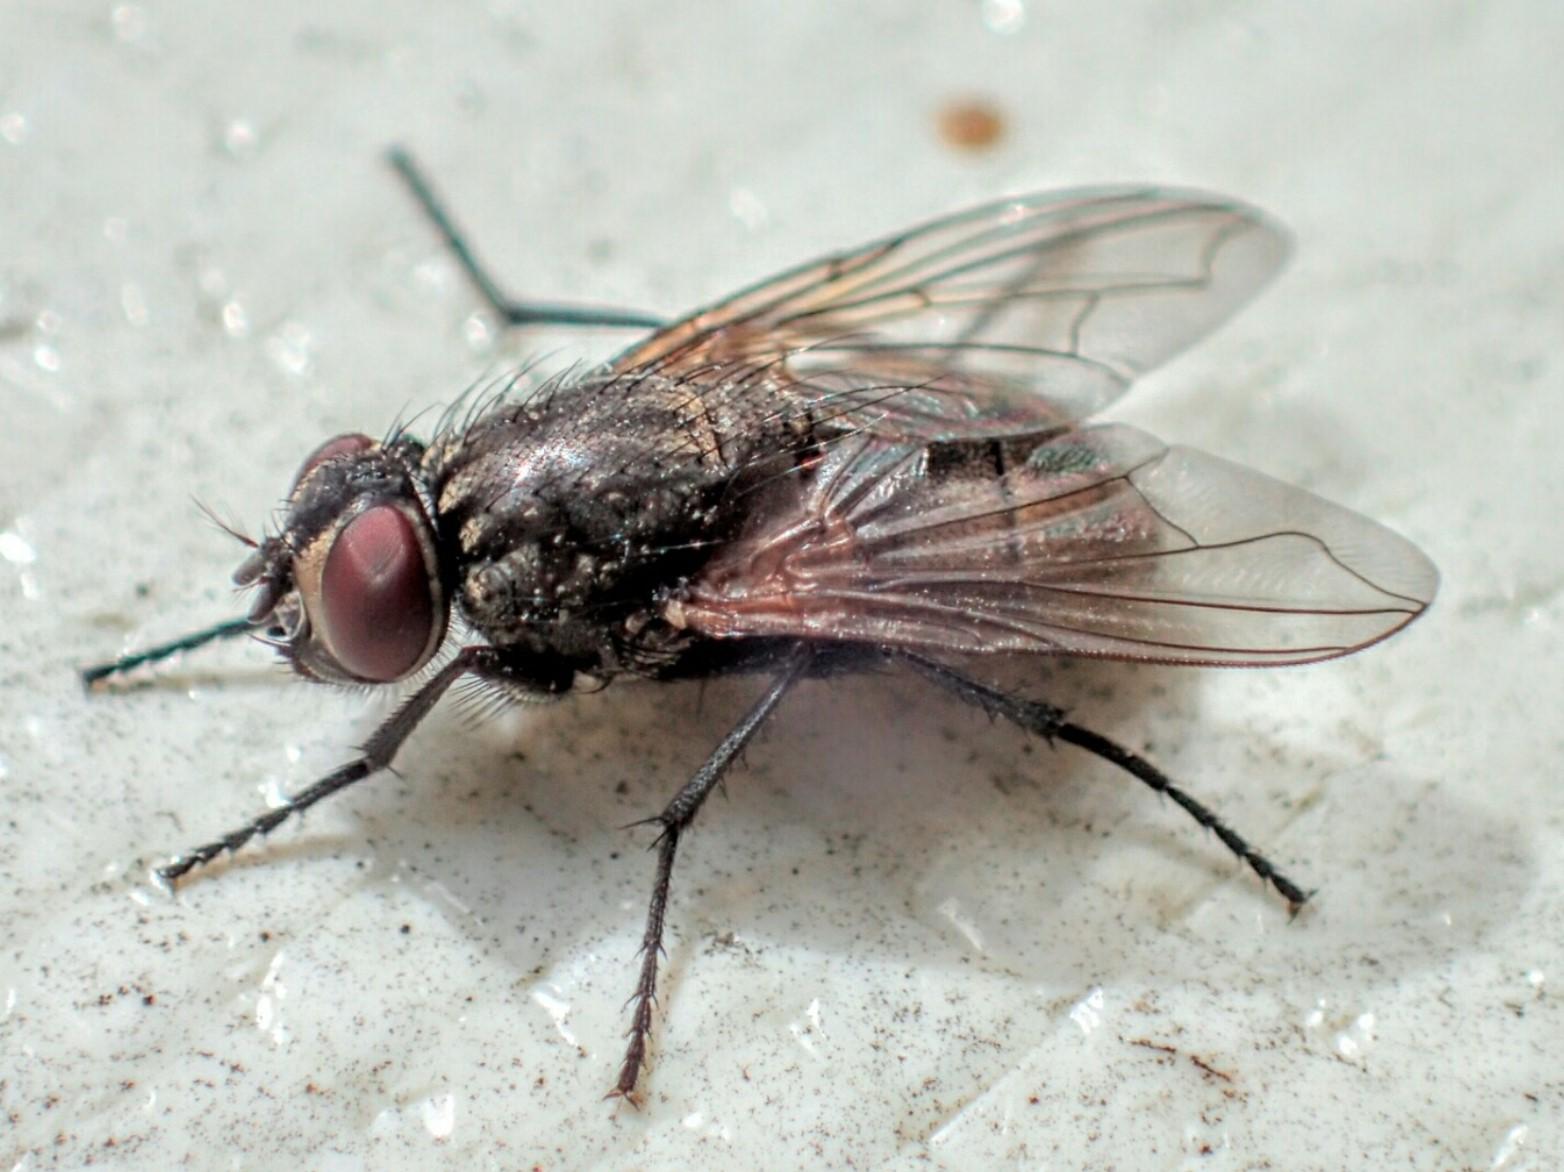 ハエが世界を救う?「イエバエ高速培養技術」が今年度実用化へ